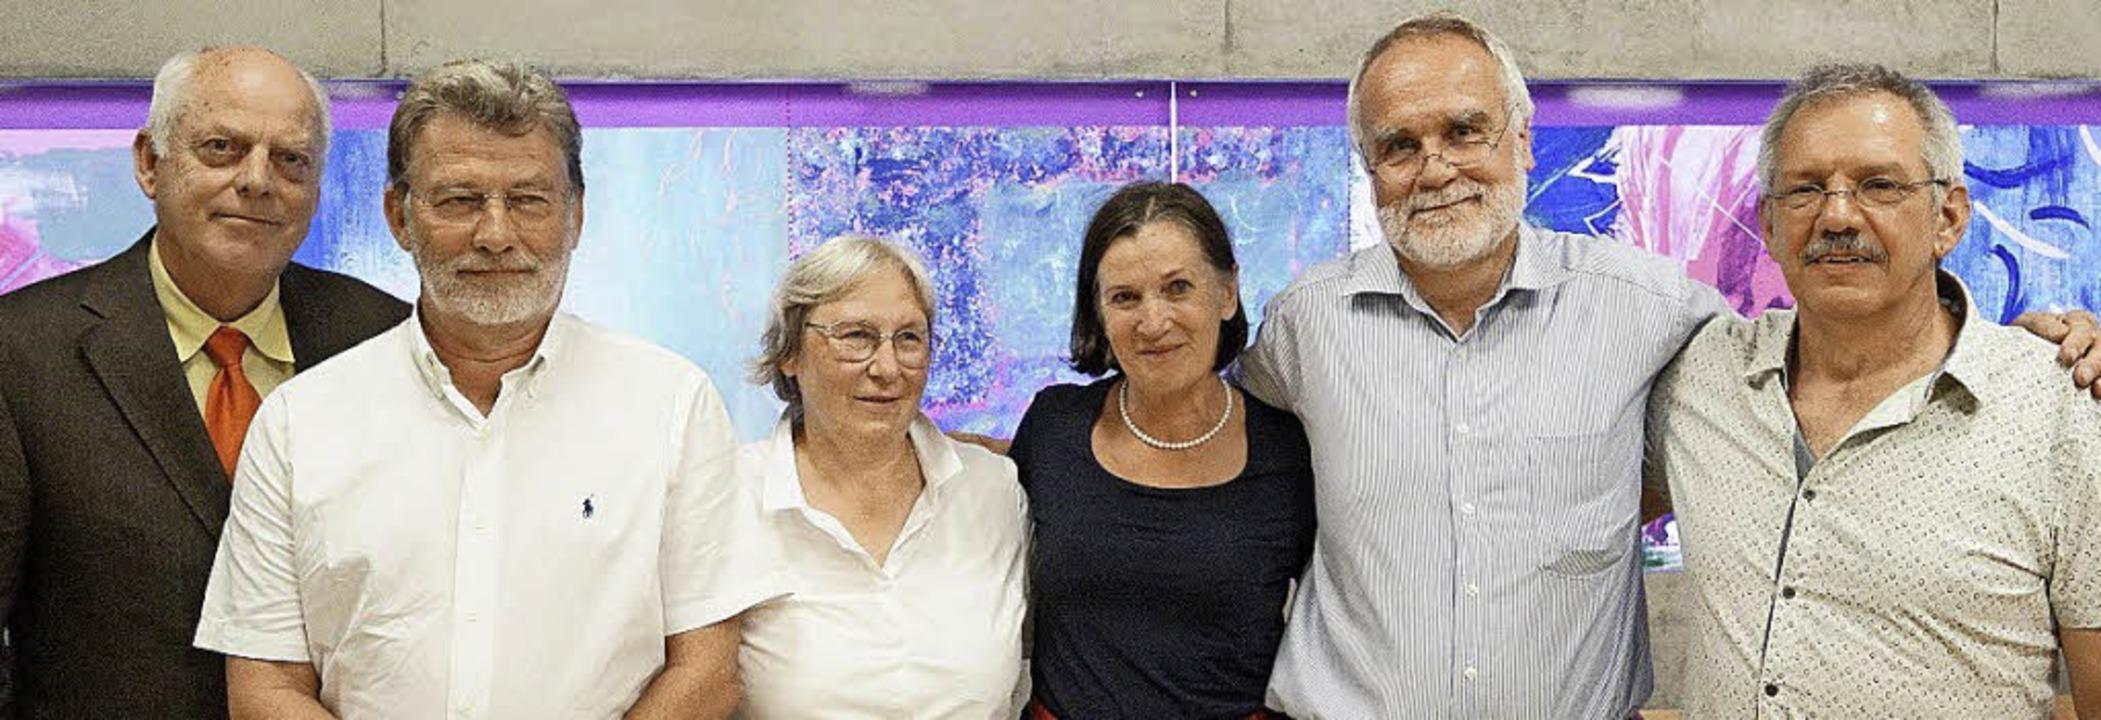 Schulleiter Carsten Hansen (von links)...d Helmut Kaltenbach  in den Ruhestand.  | Foto: Anja Kallenbach